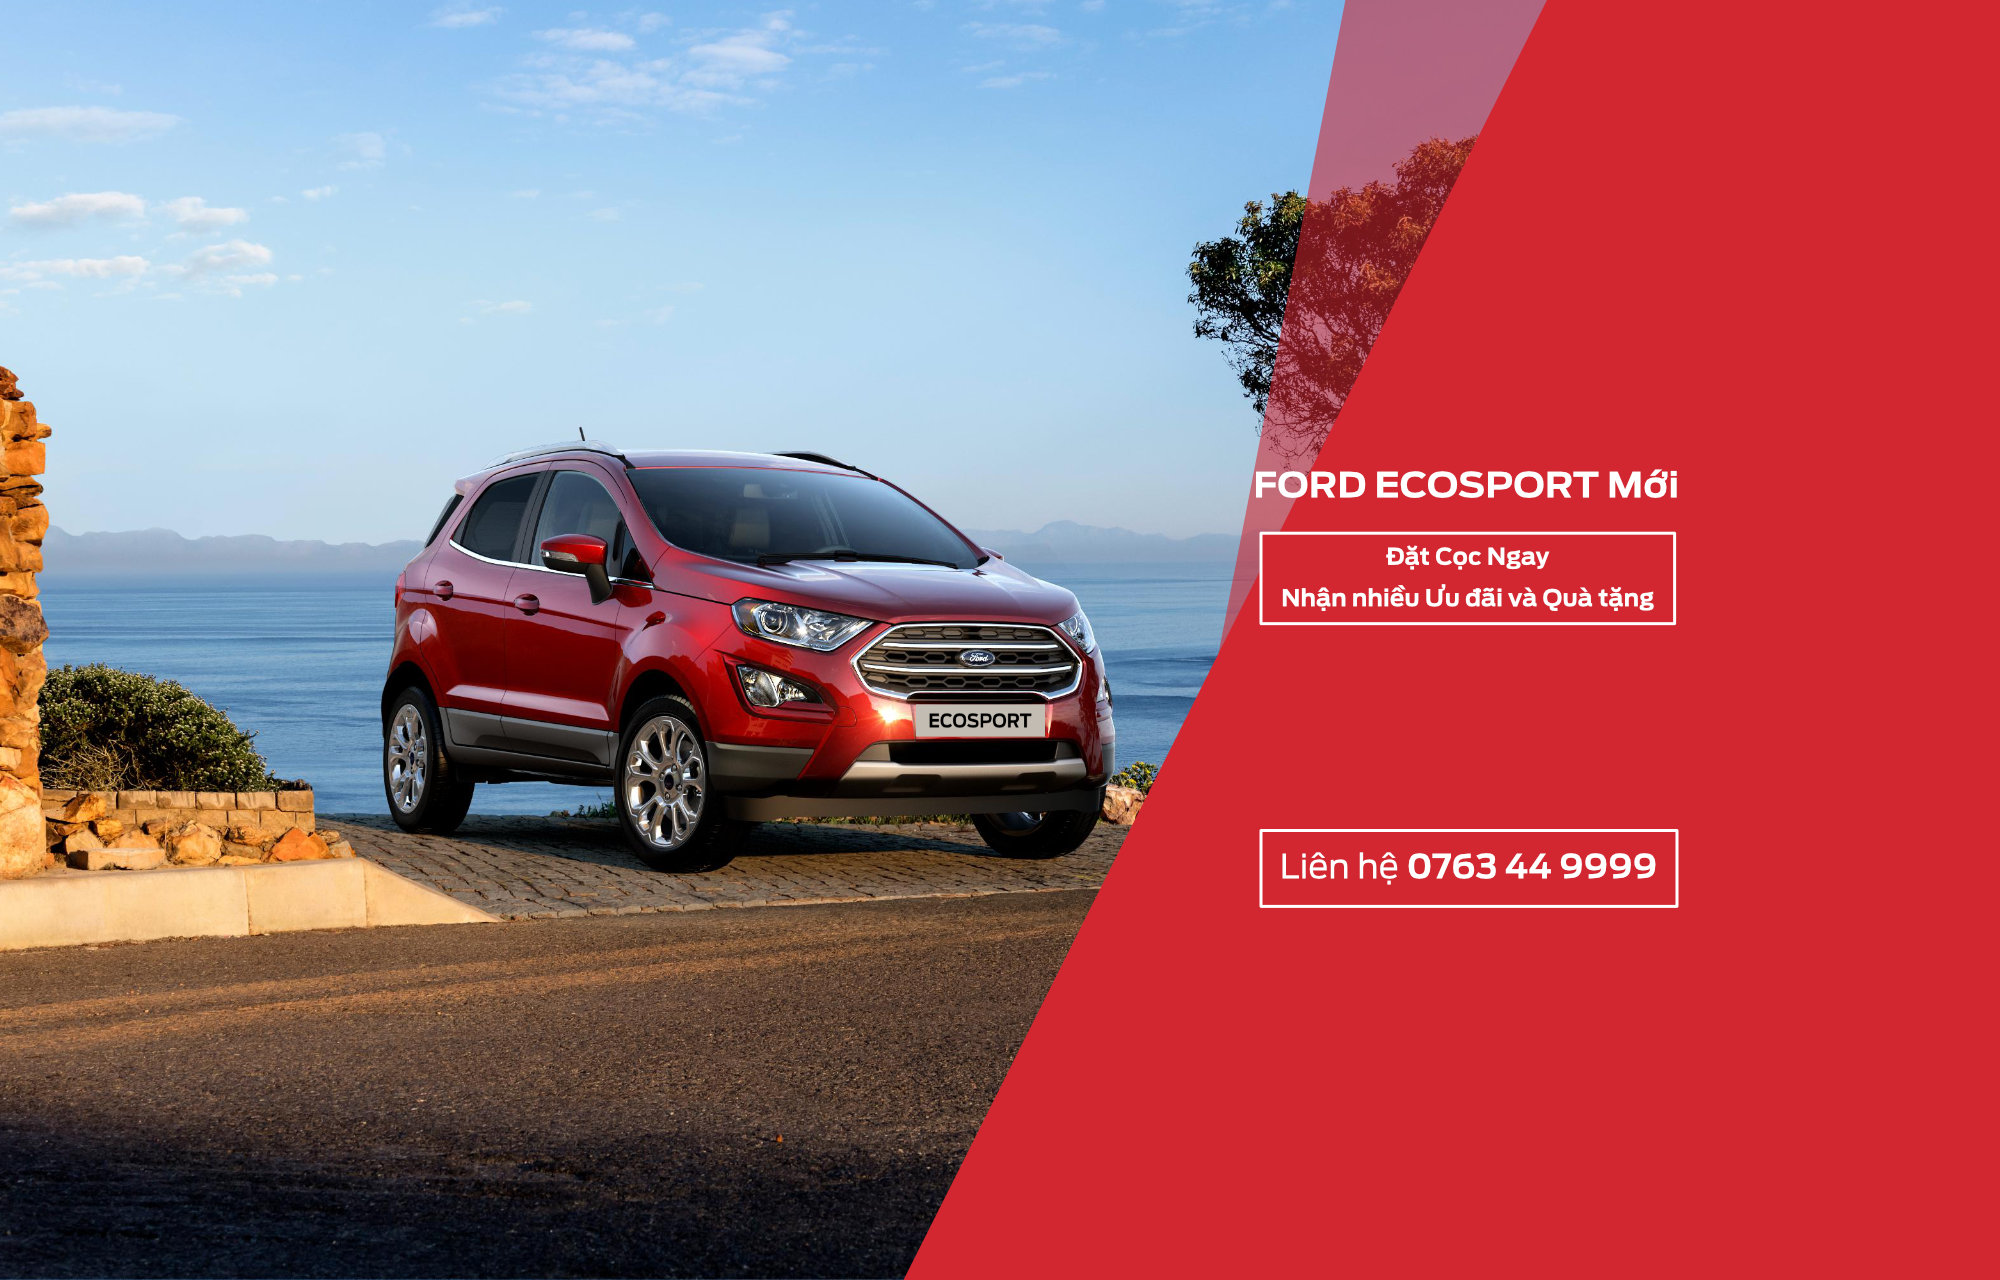 mua Ford ecosport tai Ha Noi Ford